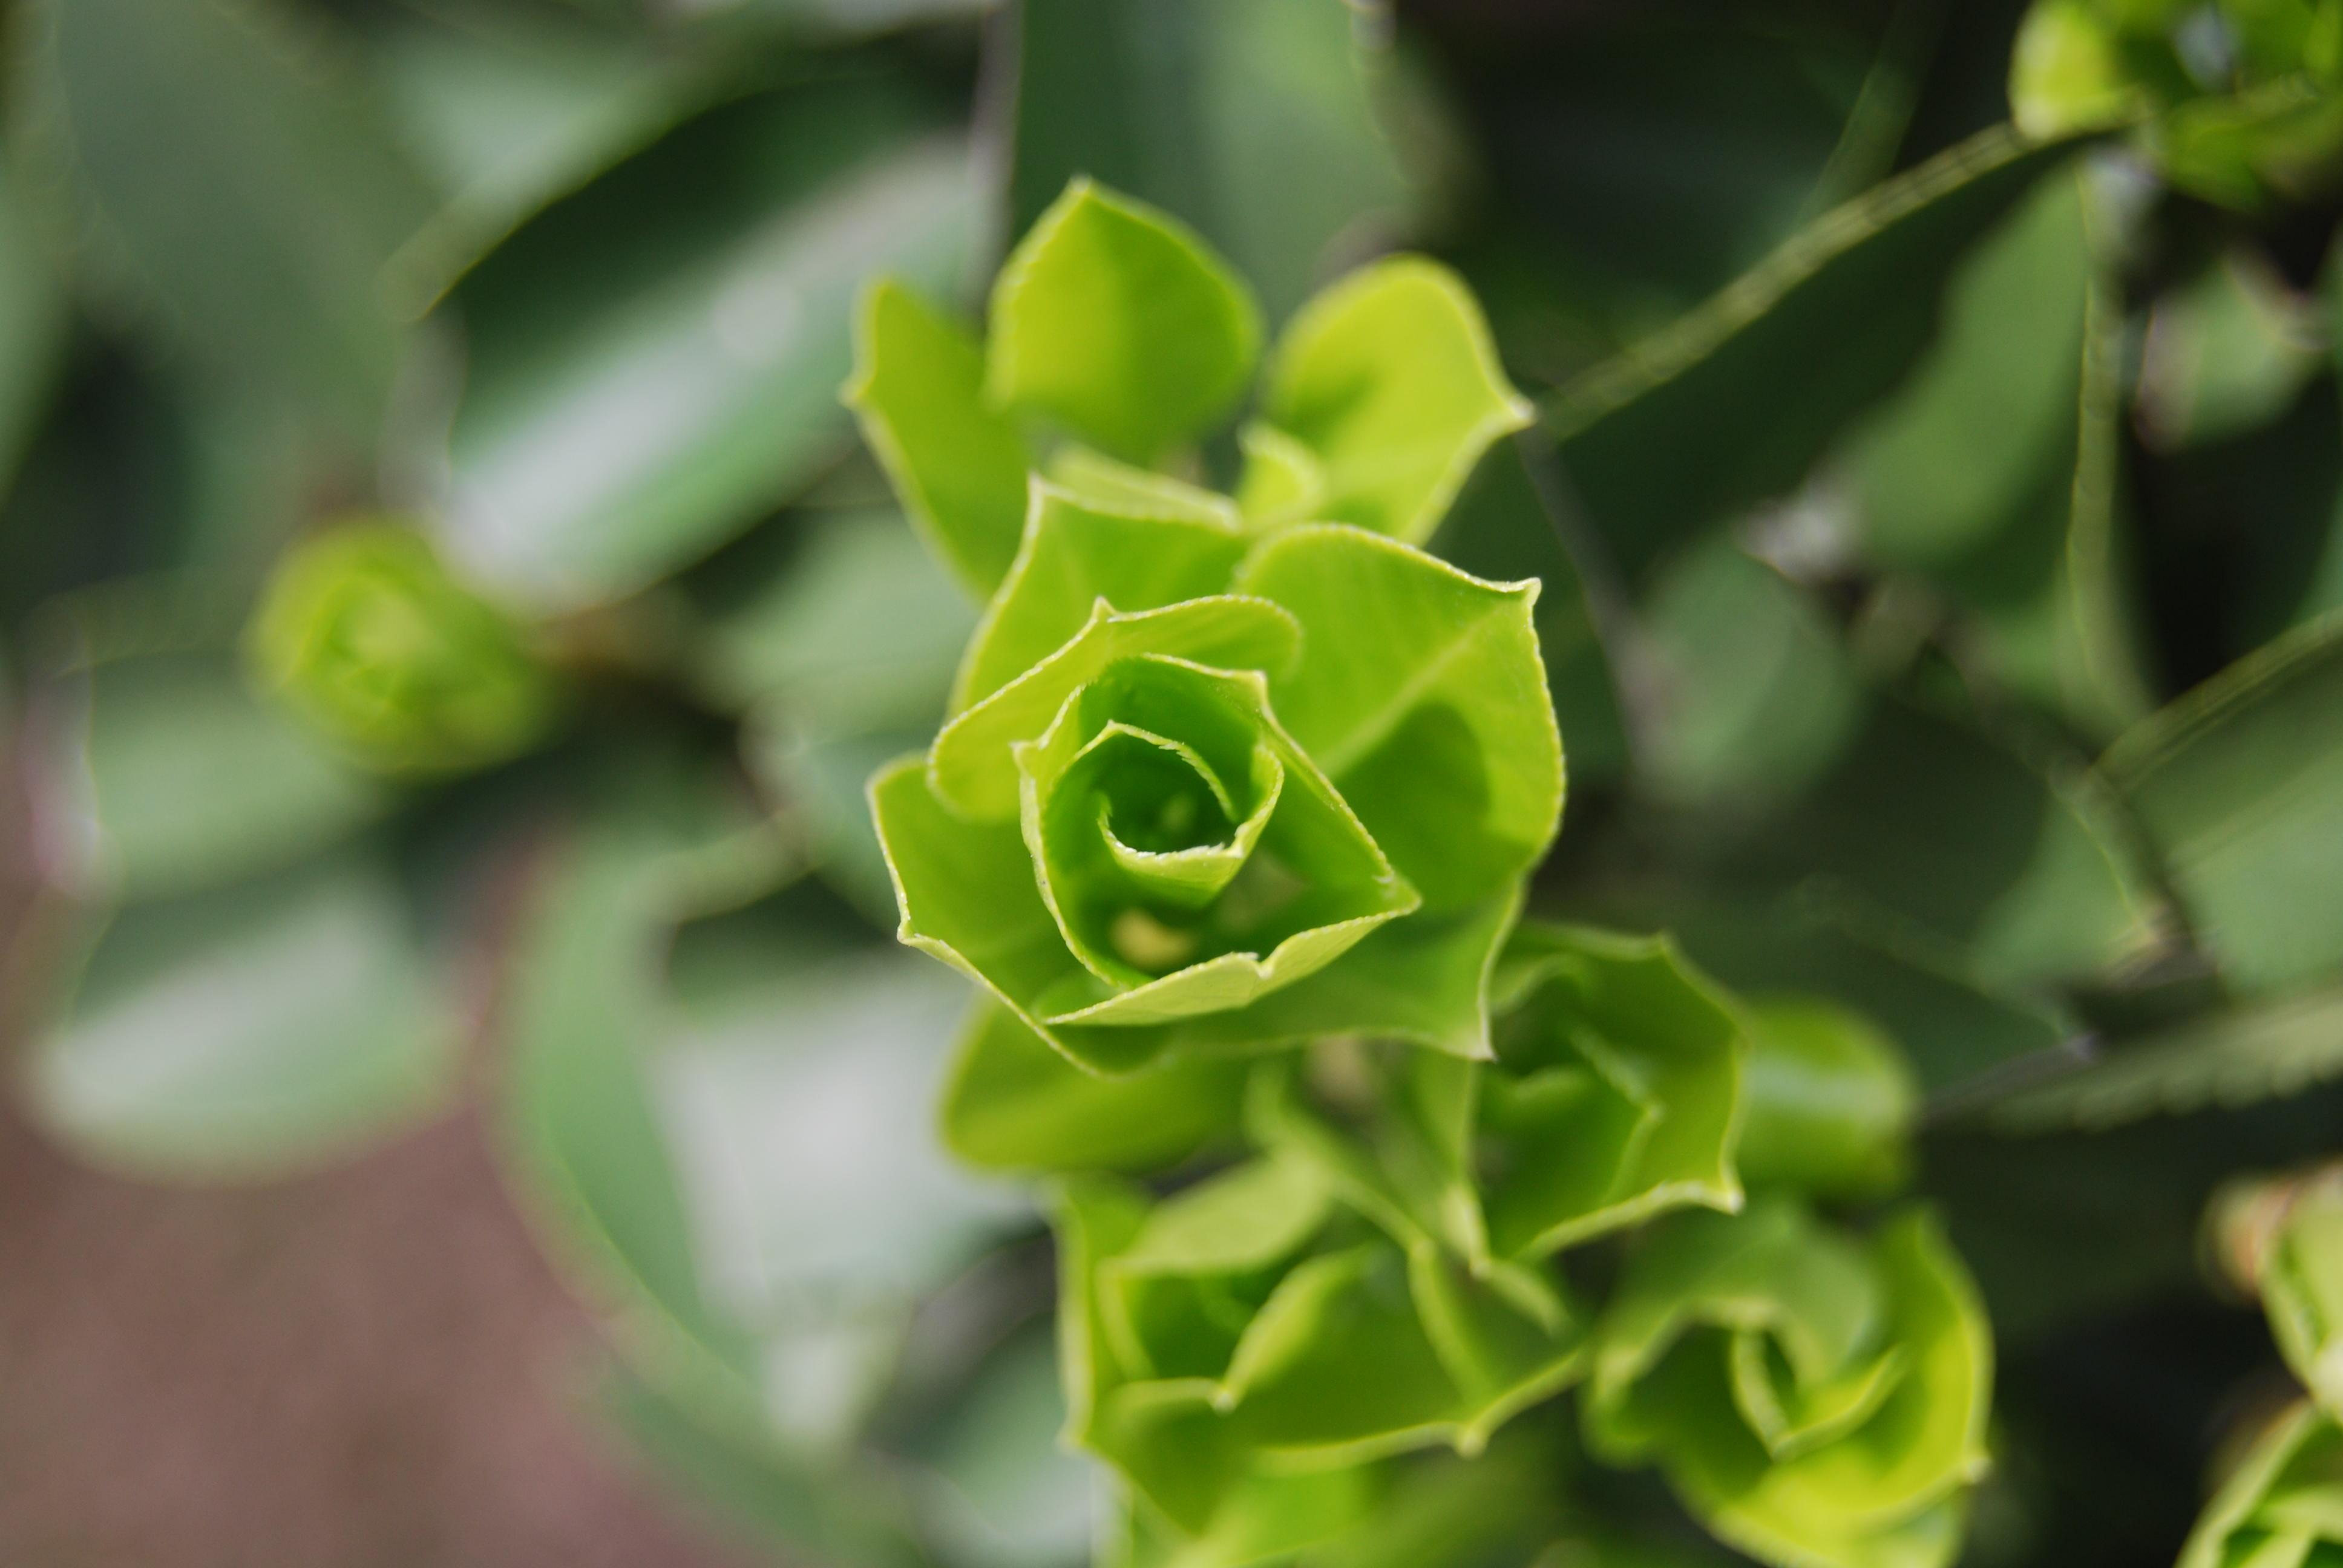 背景 壁纸 花 绿色 绿叶 盆景 盆栽 树叶 植物 桌面 3872_2592